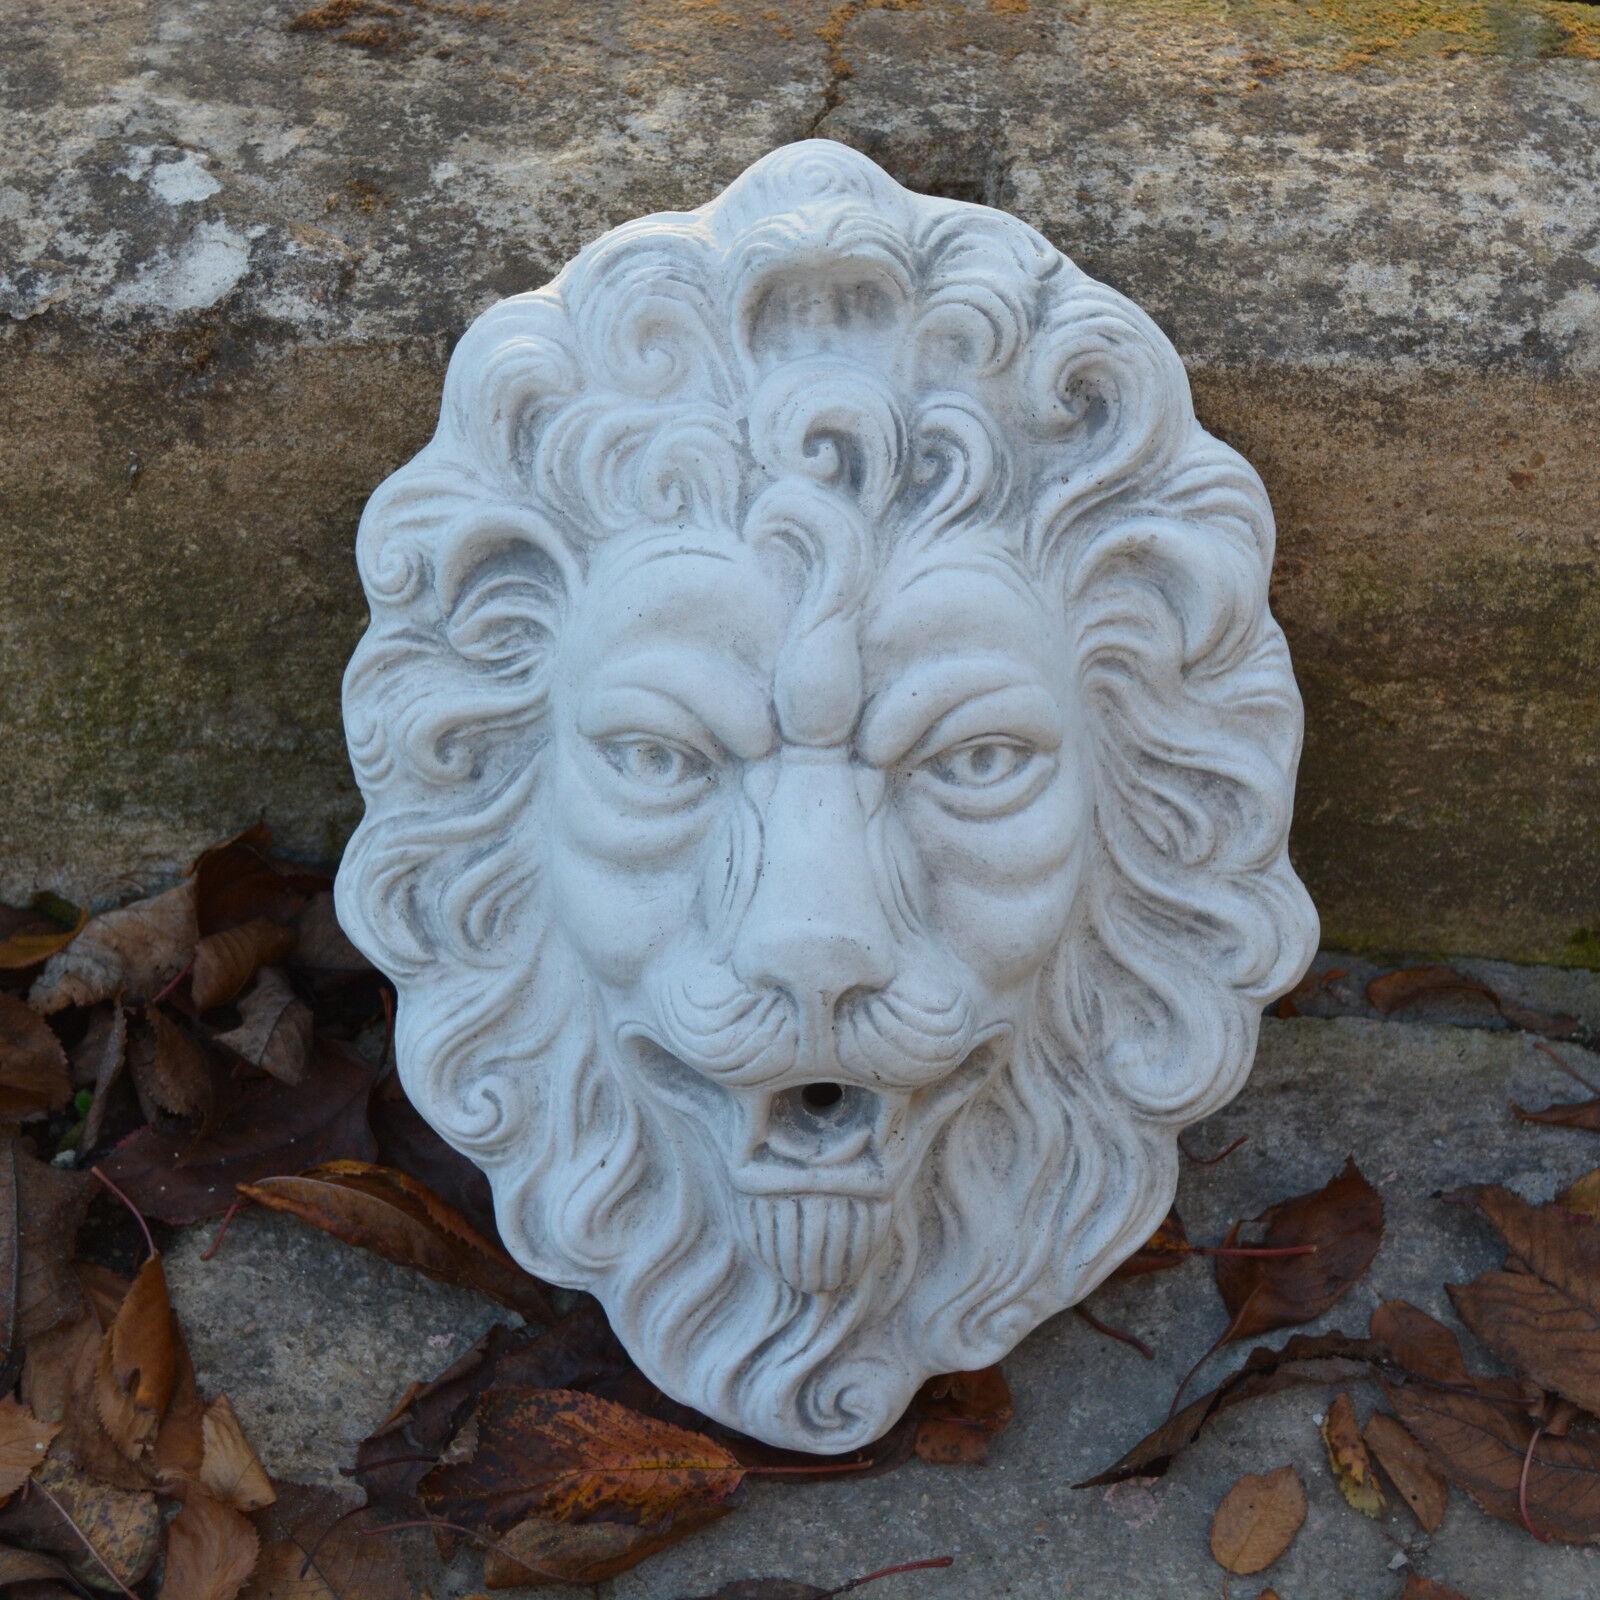 Massive piedra personaje grandes adhesivos cabeza león león raumdeko piedra fundición Frost Festival